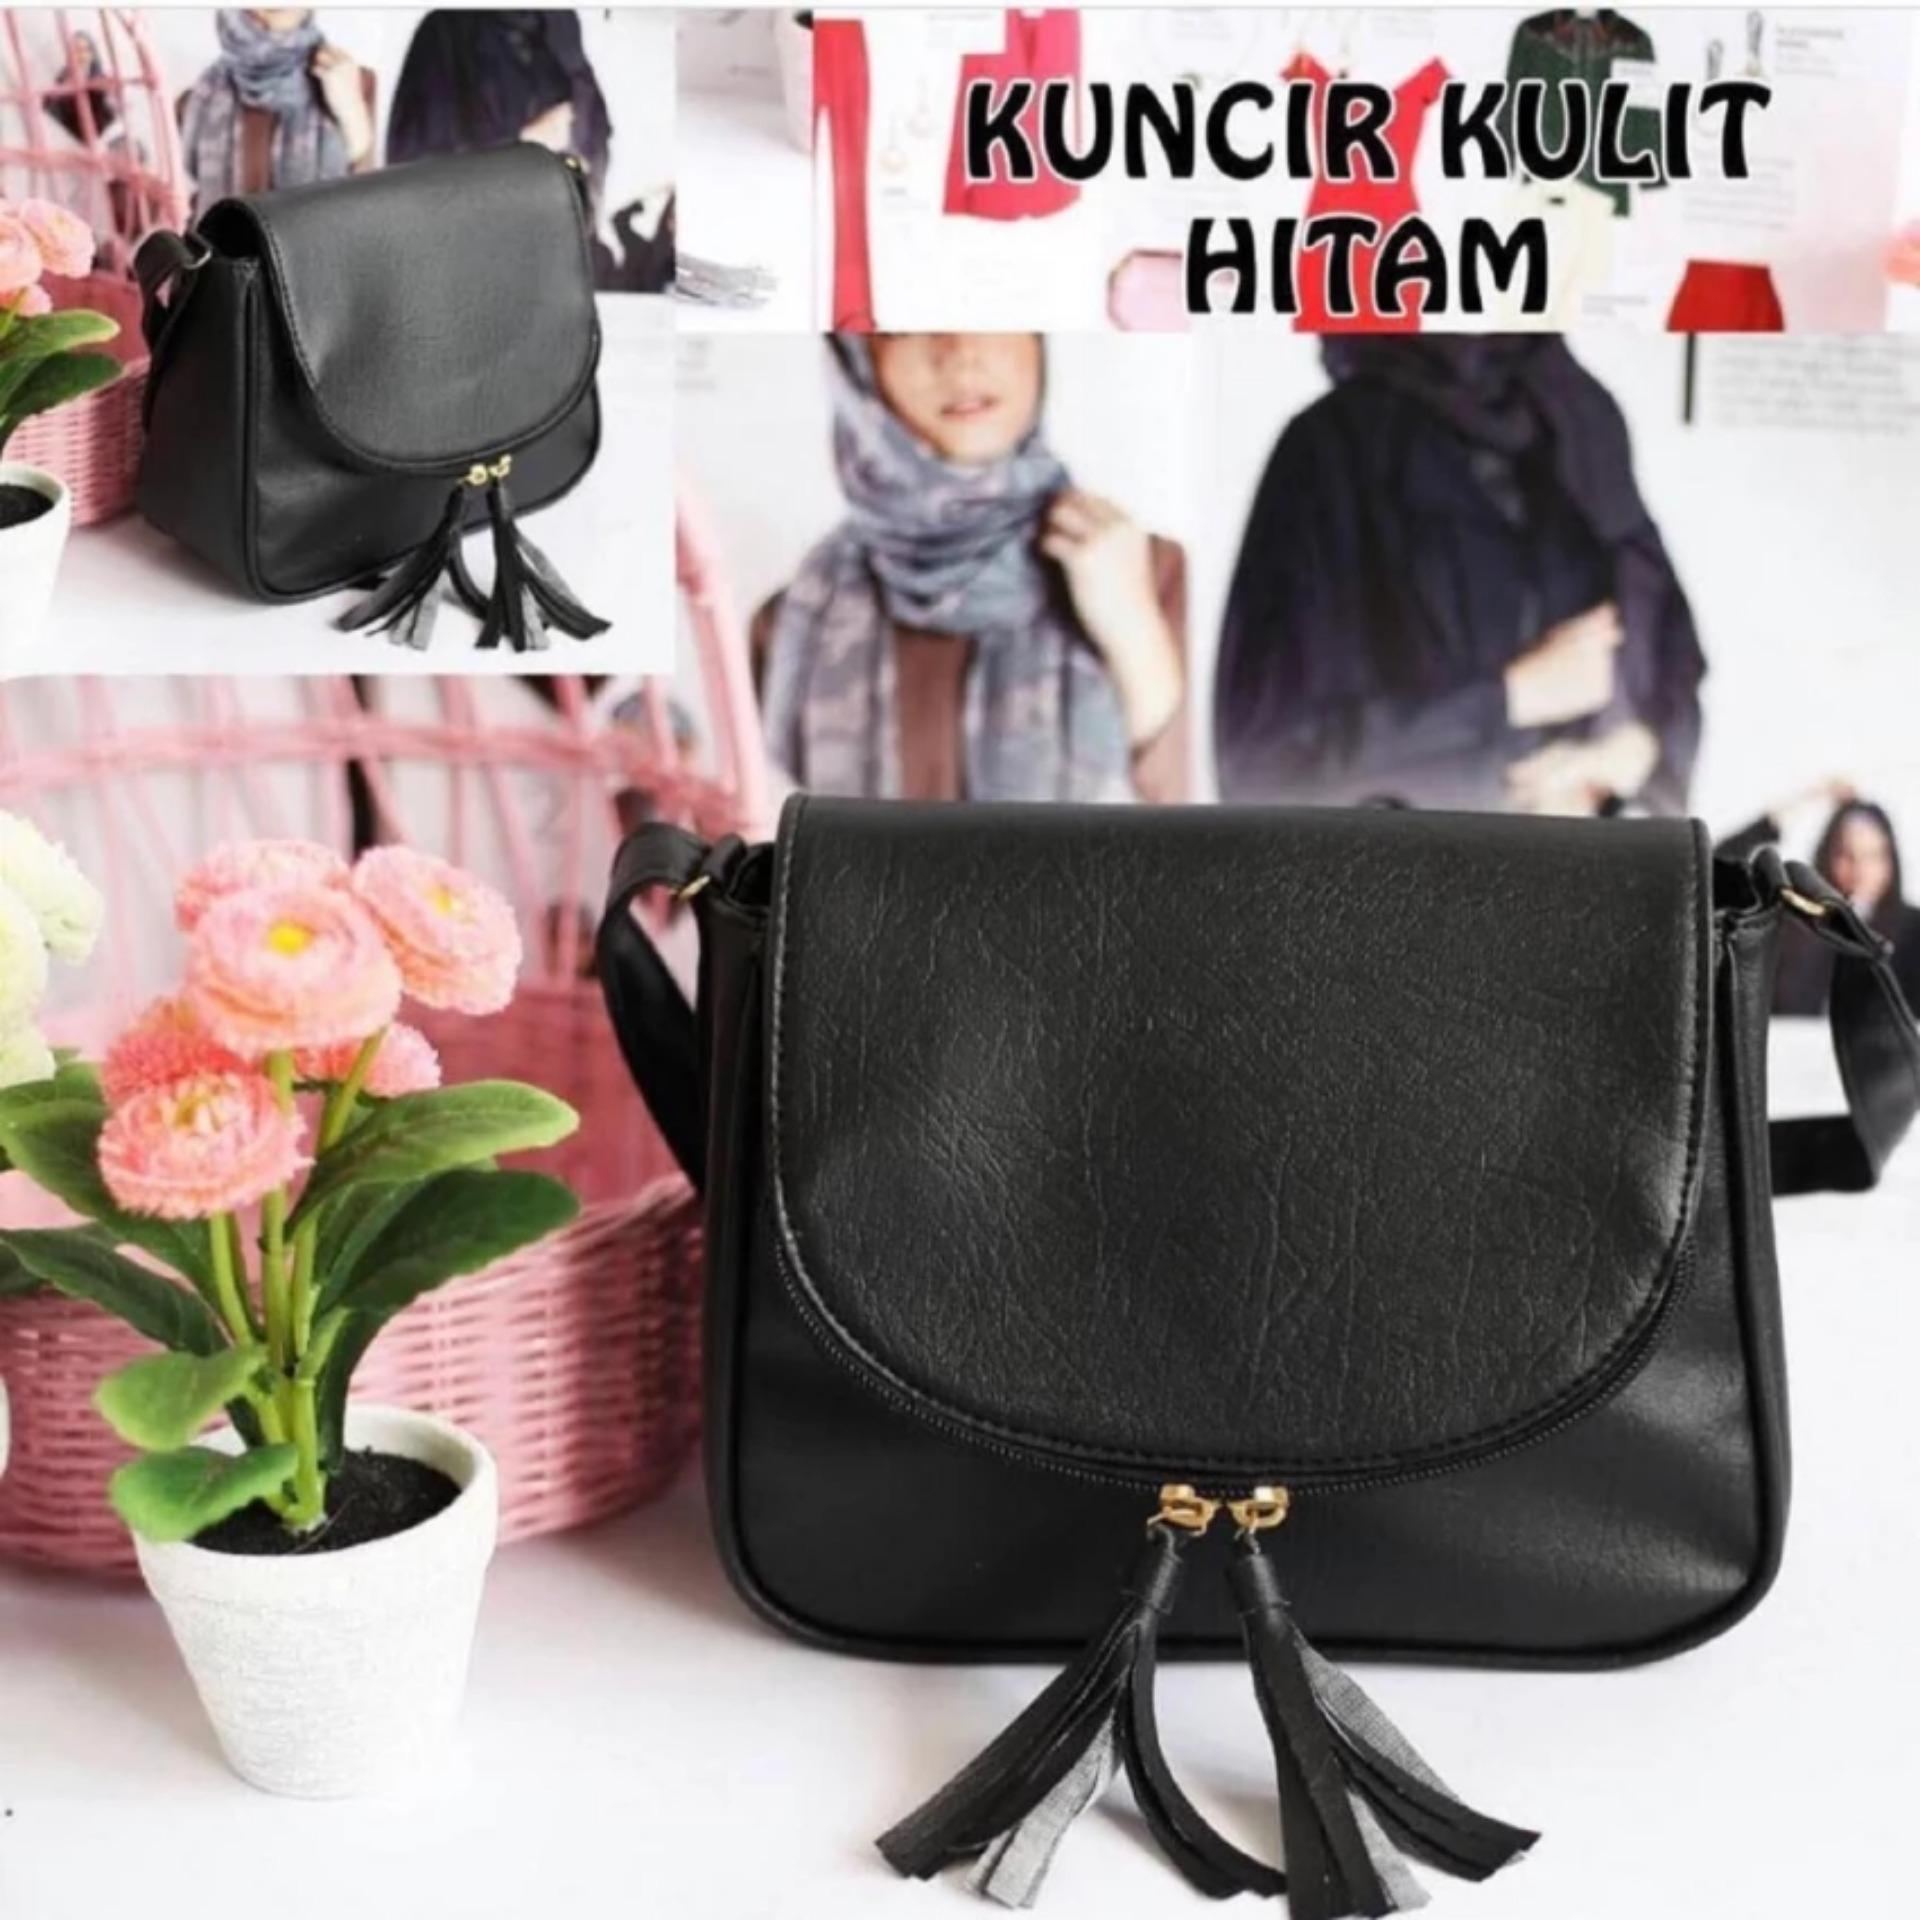 Ukuran 15x18x21 Tas Bahu Wanita Tote Bags Shoulder Sling Bag Selempang Handbag - Hitam